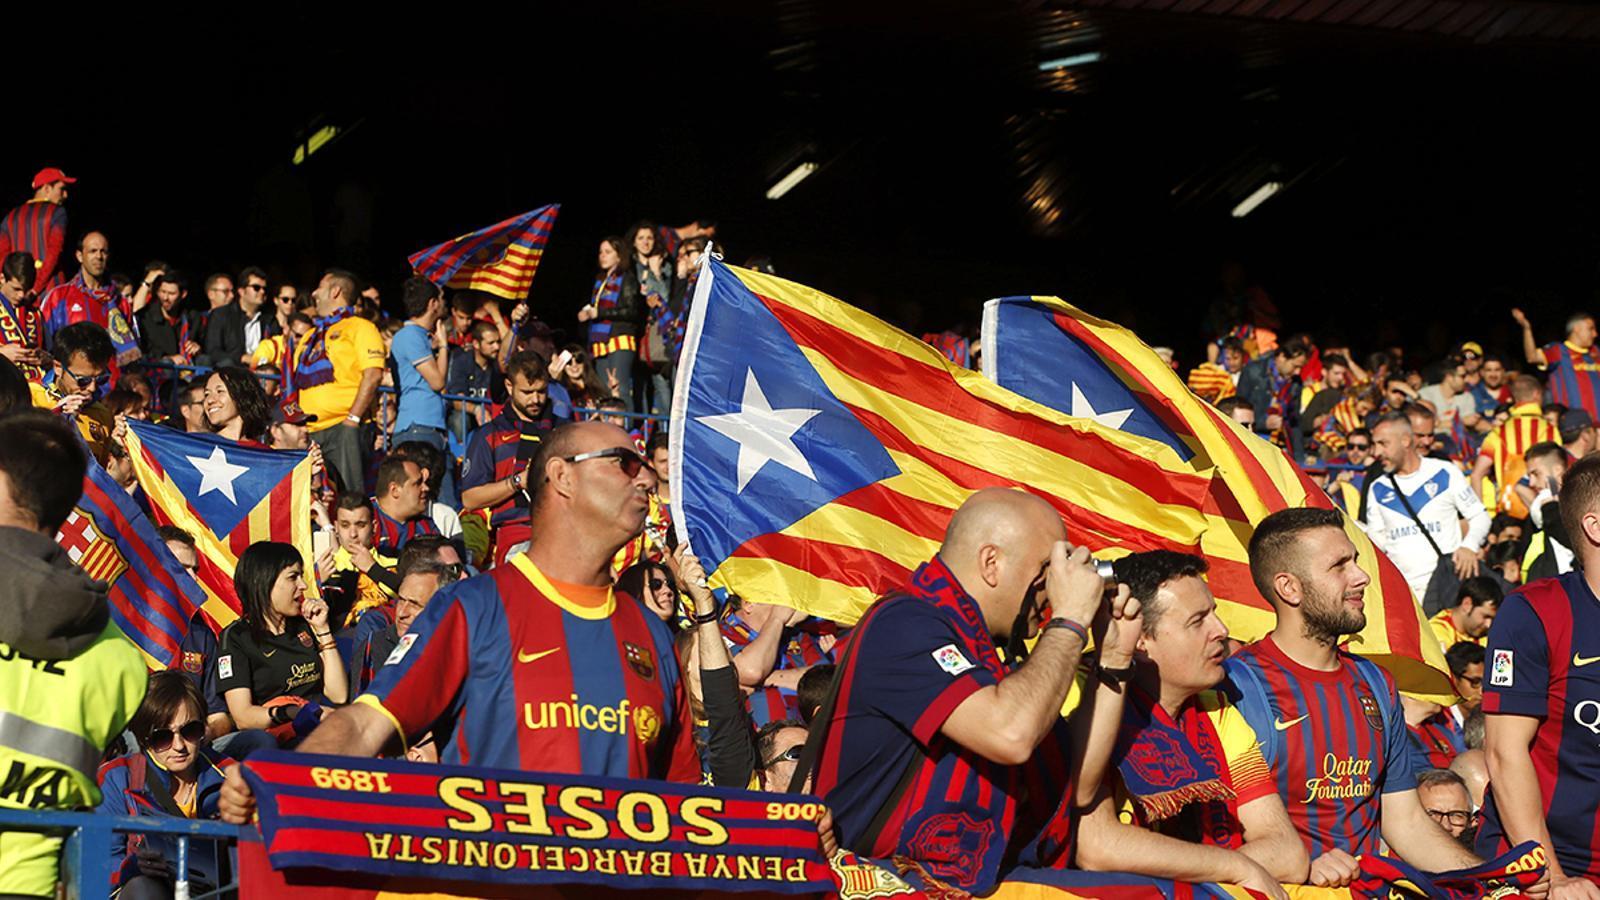 Les grades del Barça plenes de banderes